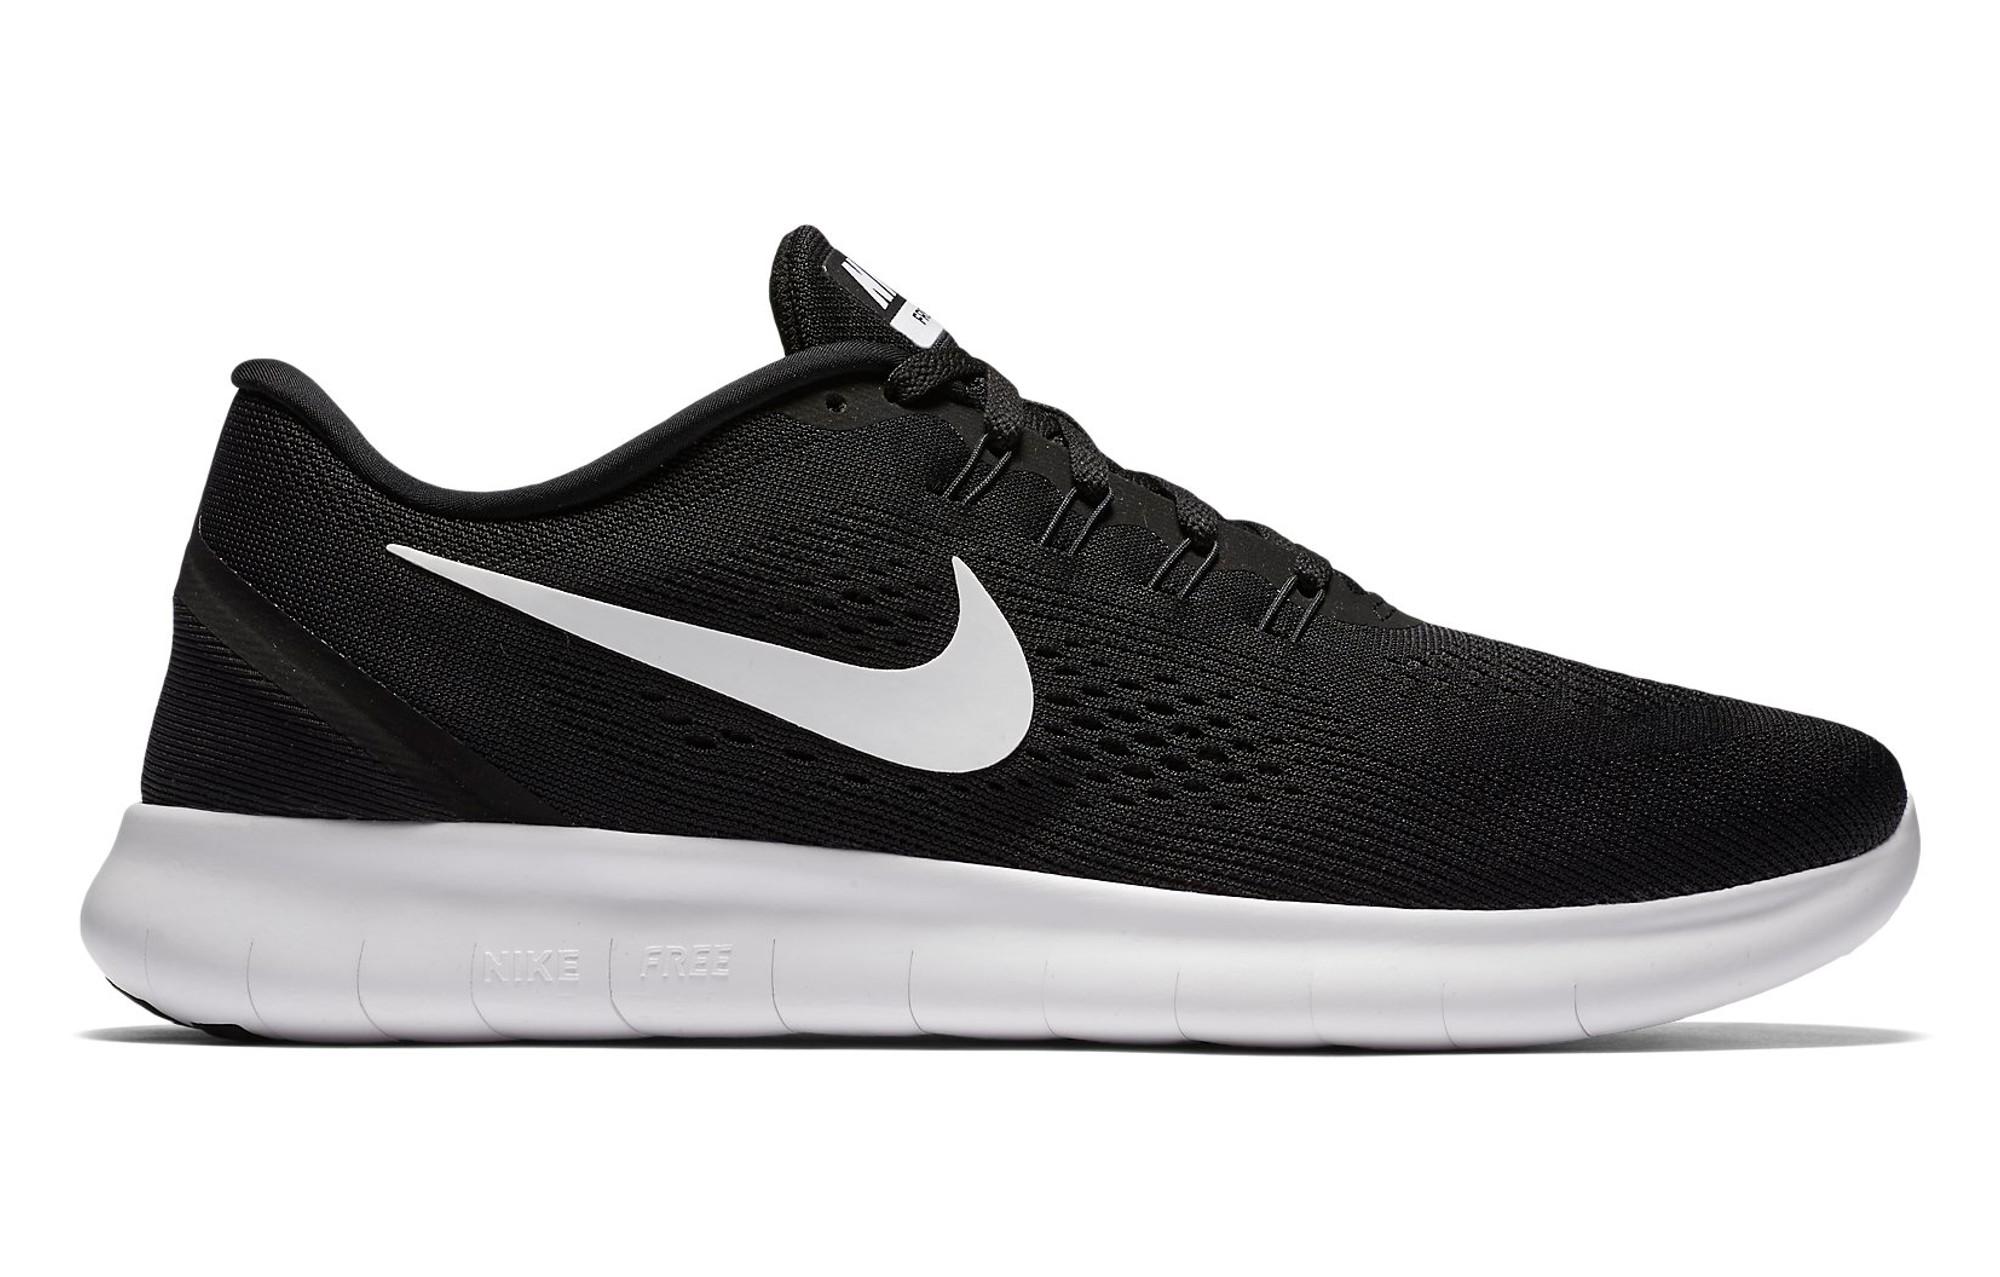 Noir Chaussures Nike De Running Rn Free zXxX6rqw